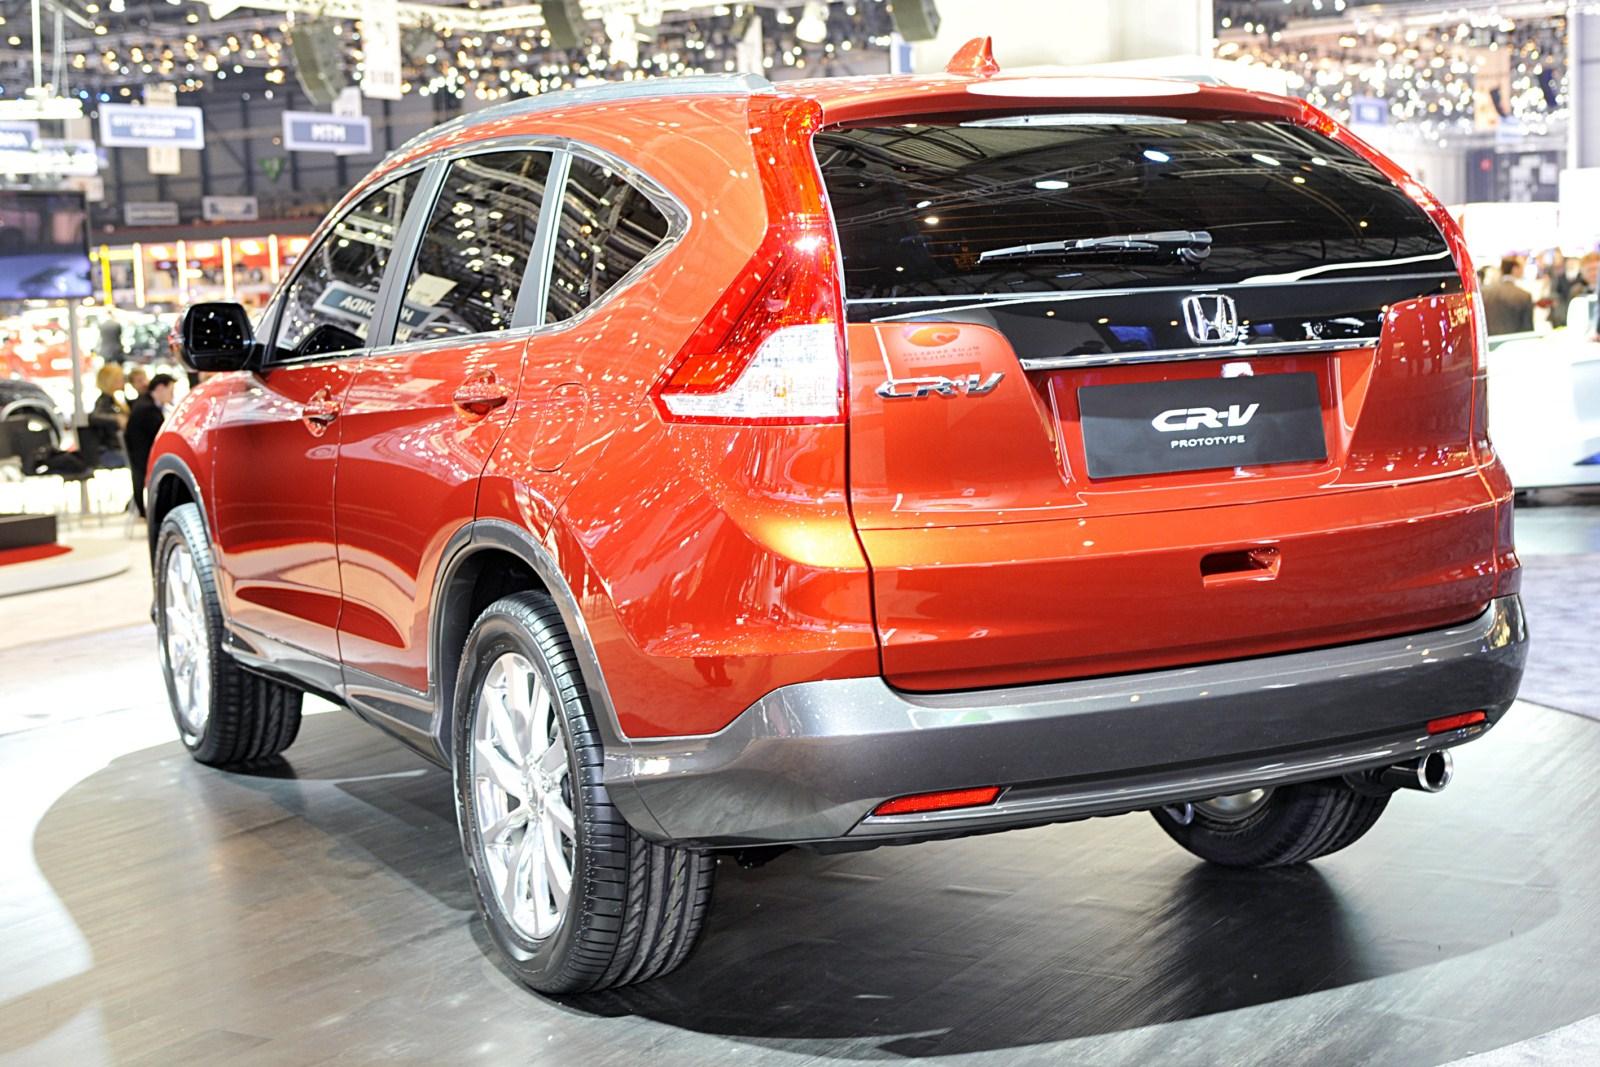 honda-cr-v-2012-european-prototype-live-in 09-Mar-2012 18:36 436k